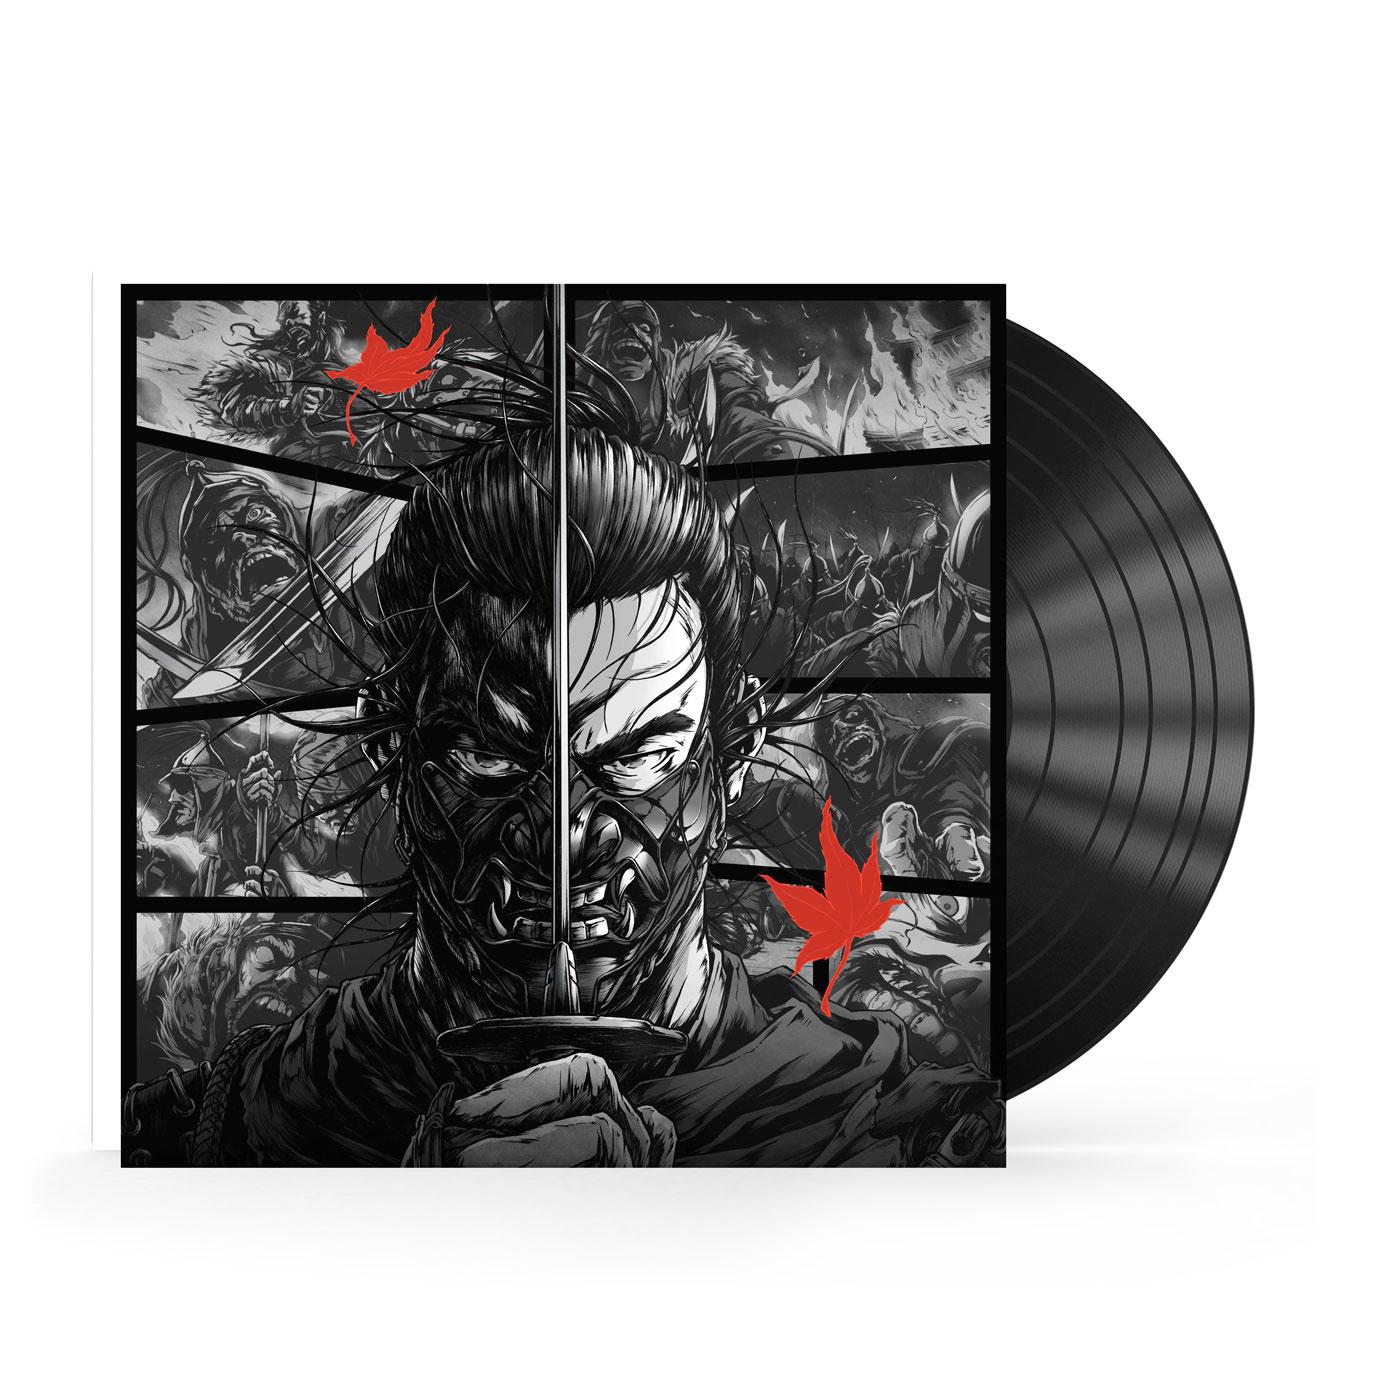 ghost-vinyl